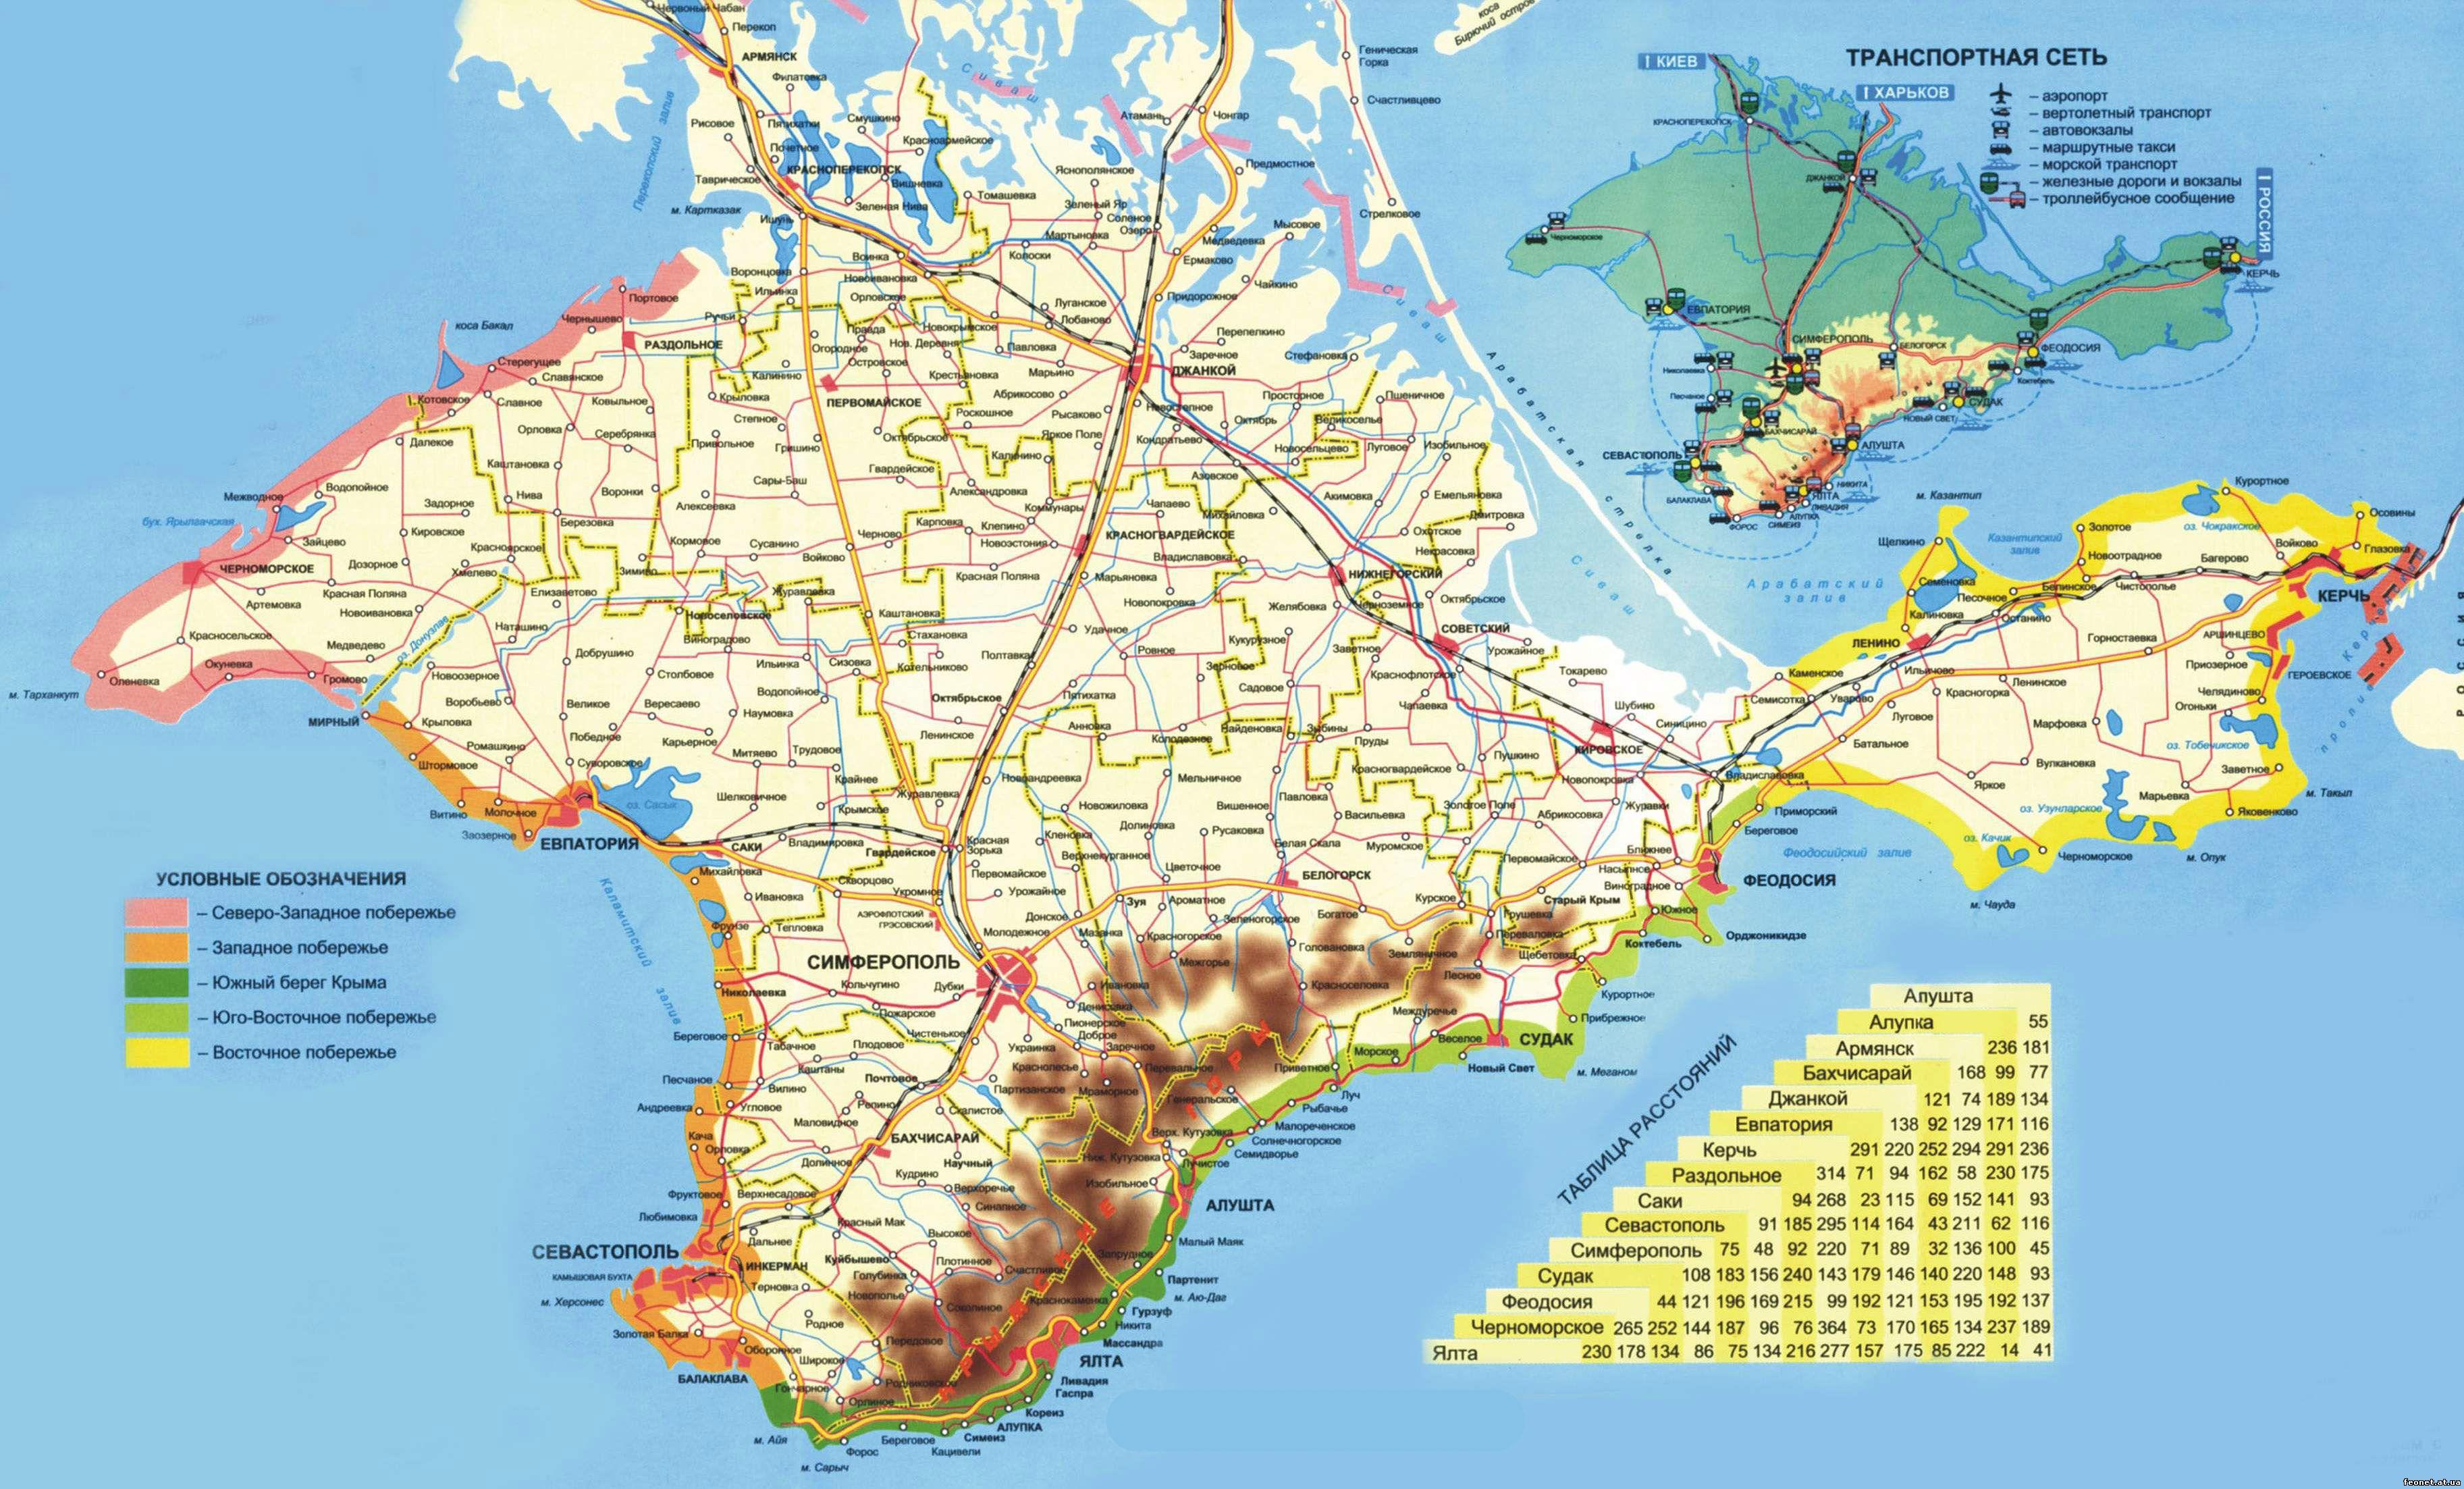 Отдых в Феодосии 2014, Отдых в Крыму 2014 - Карты Крыма: http://feonet.at.ua/index/karta_kryma/0-76